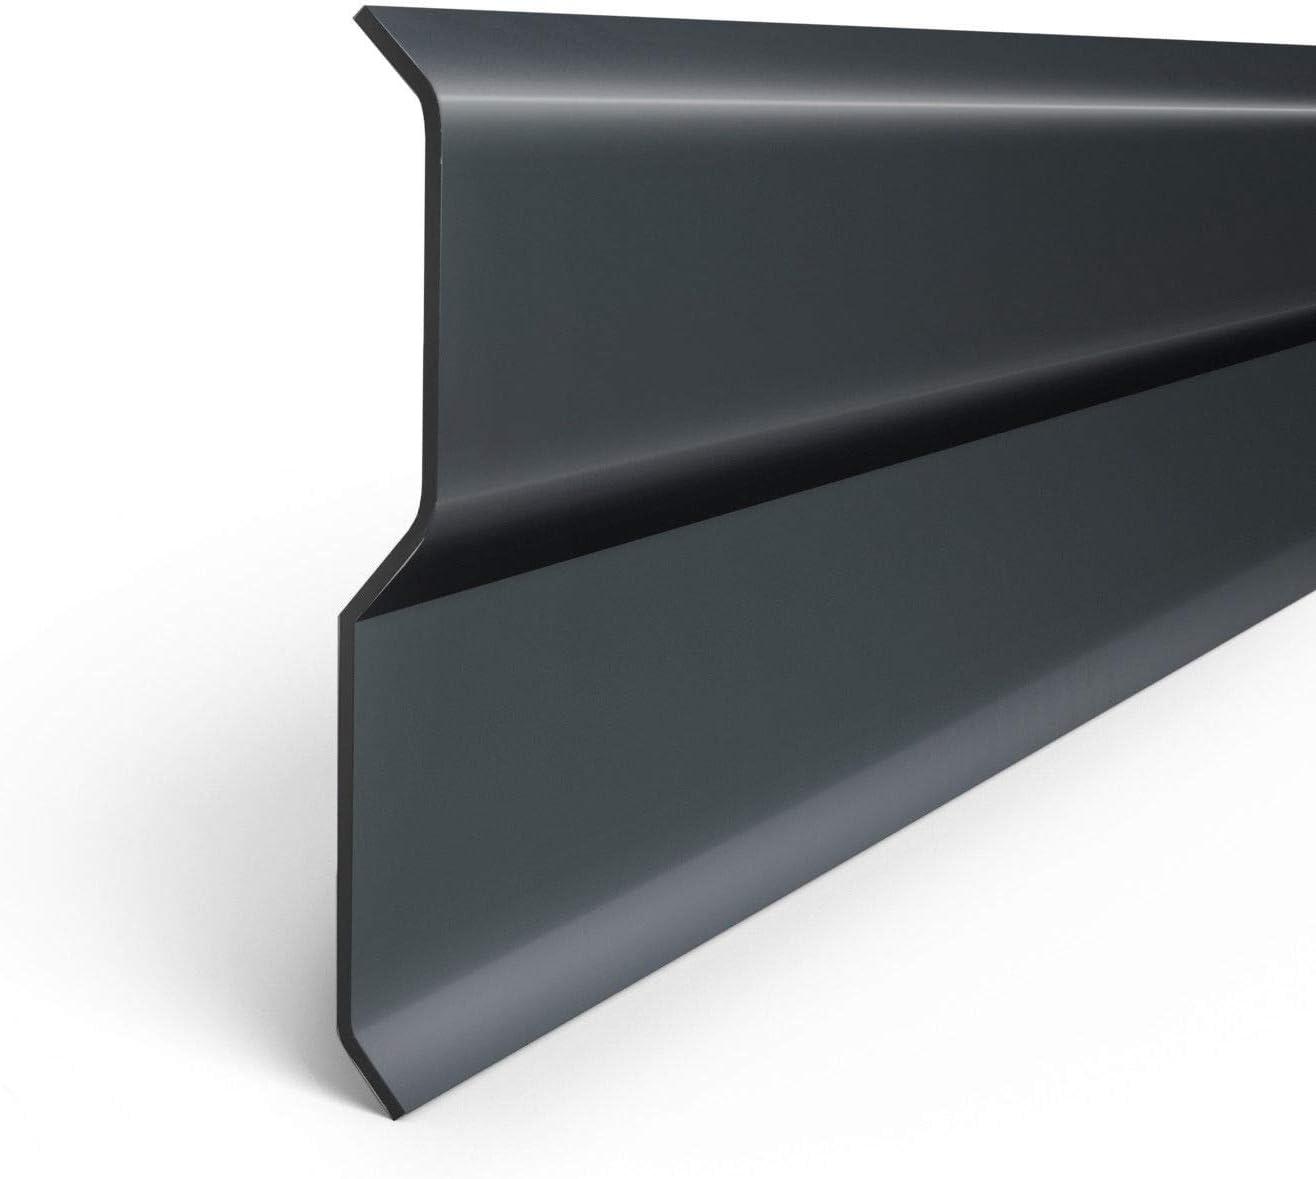 2 m/ètres couleur graphite Bande de finition pour solin de chemin/ée en aluminium